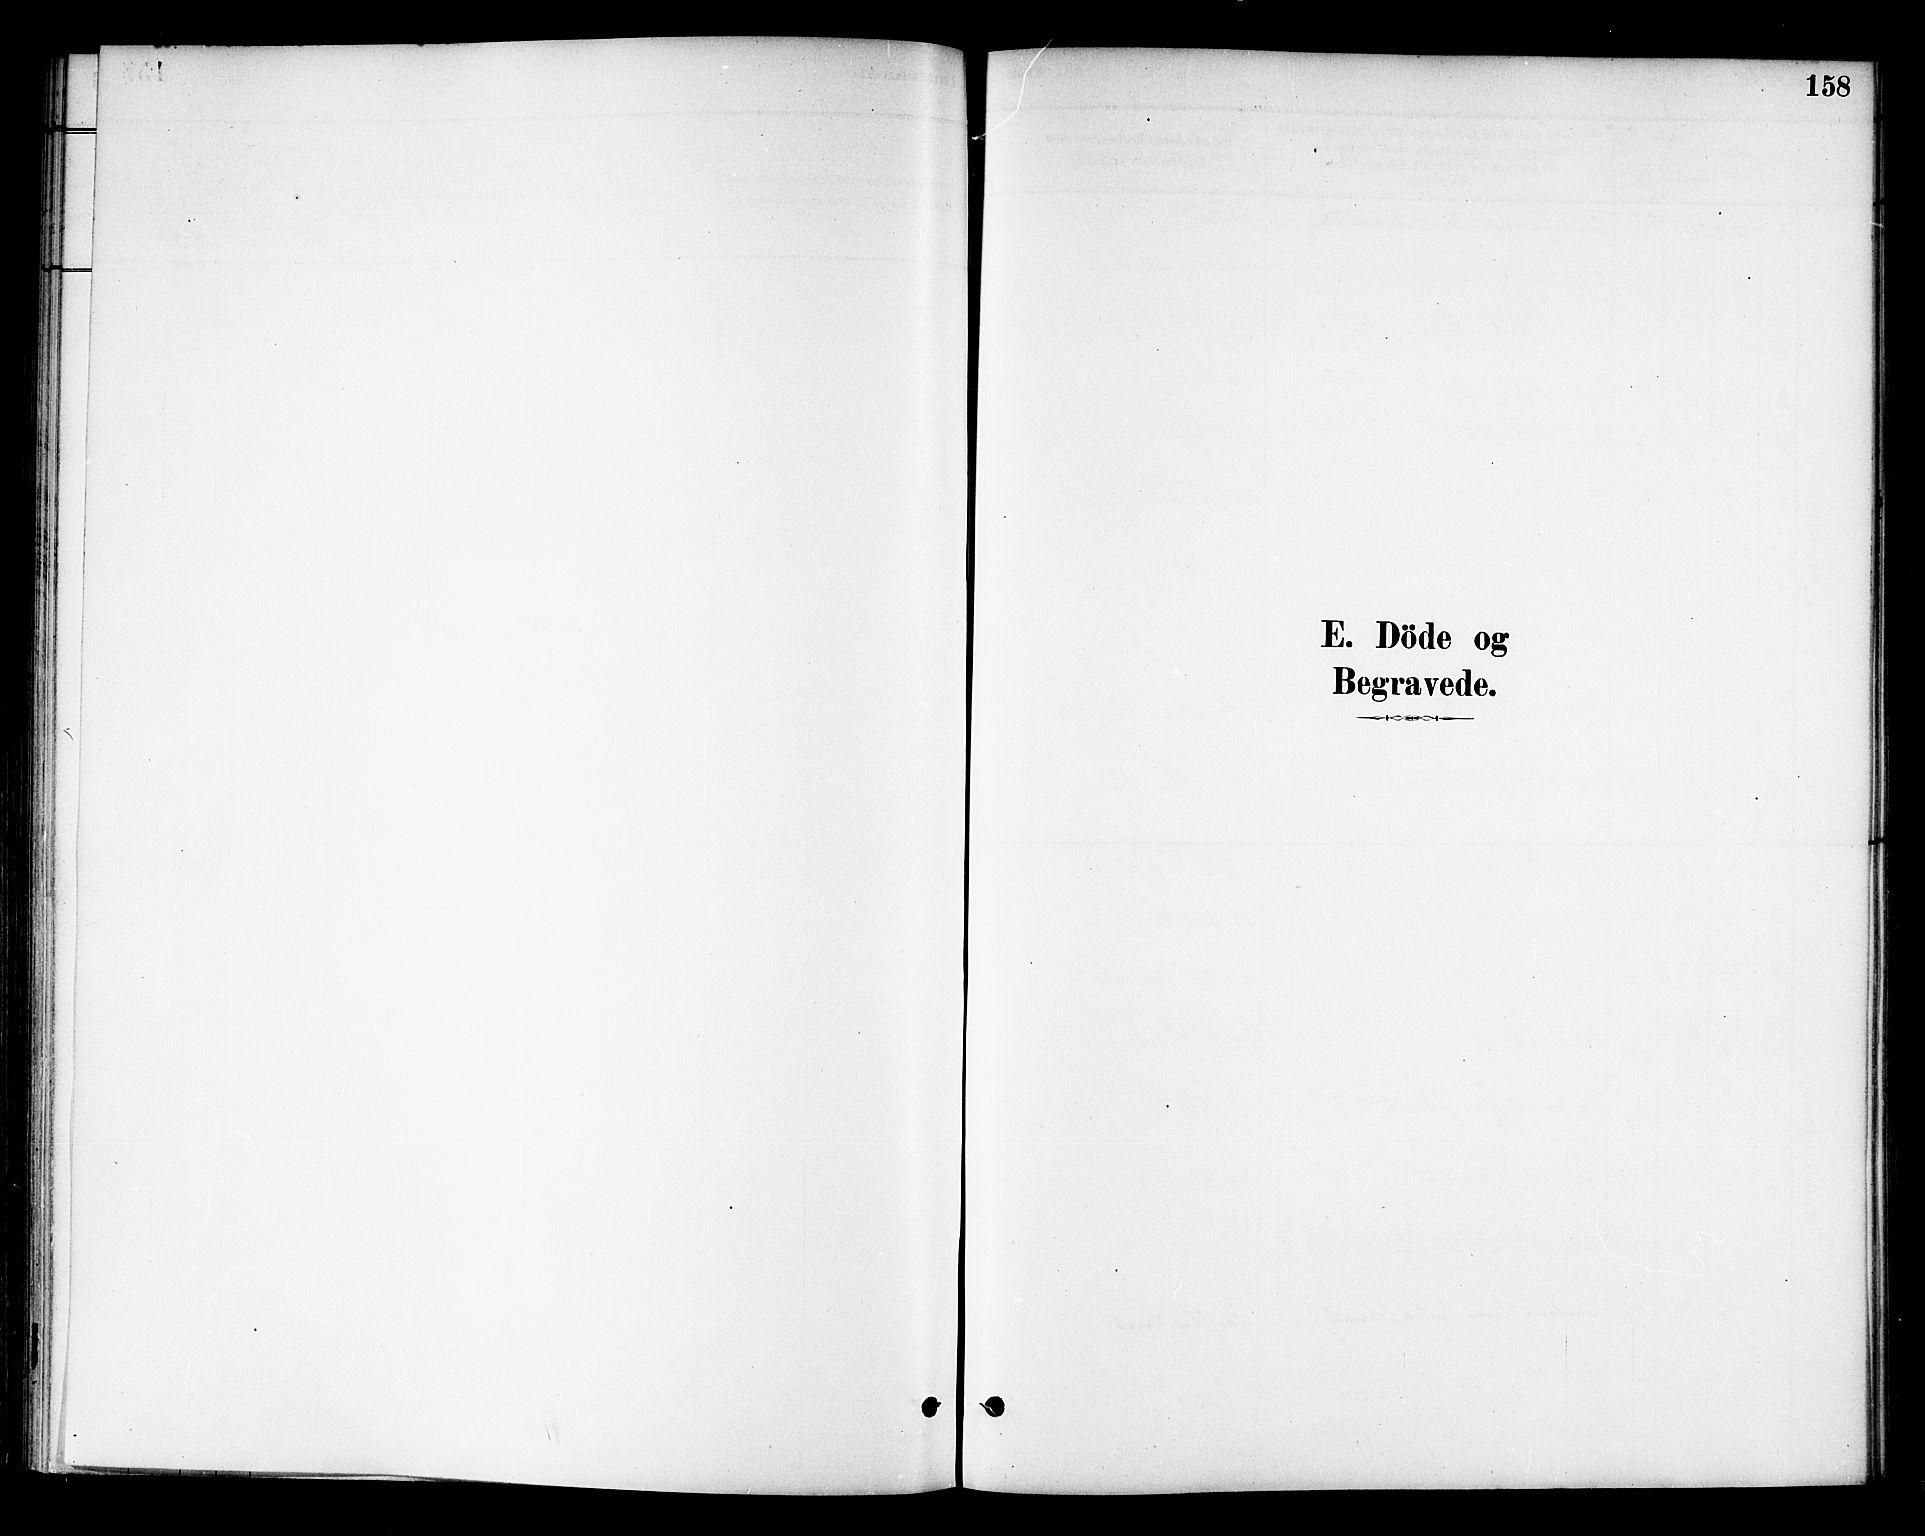 SAT, Ministerialprotokoller, klokkerbøker og fødselsregistre - Sør-Trøndelag, 654/L0663: Ministerialbok nr. 654A01, 1880-1894, s. 158